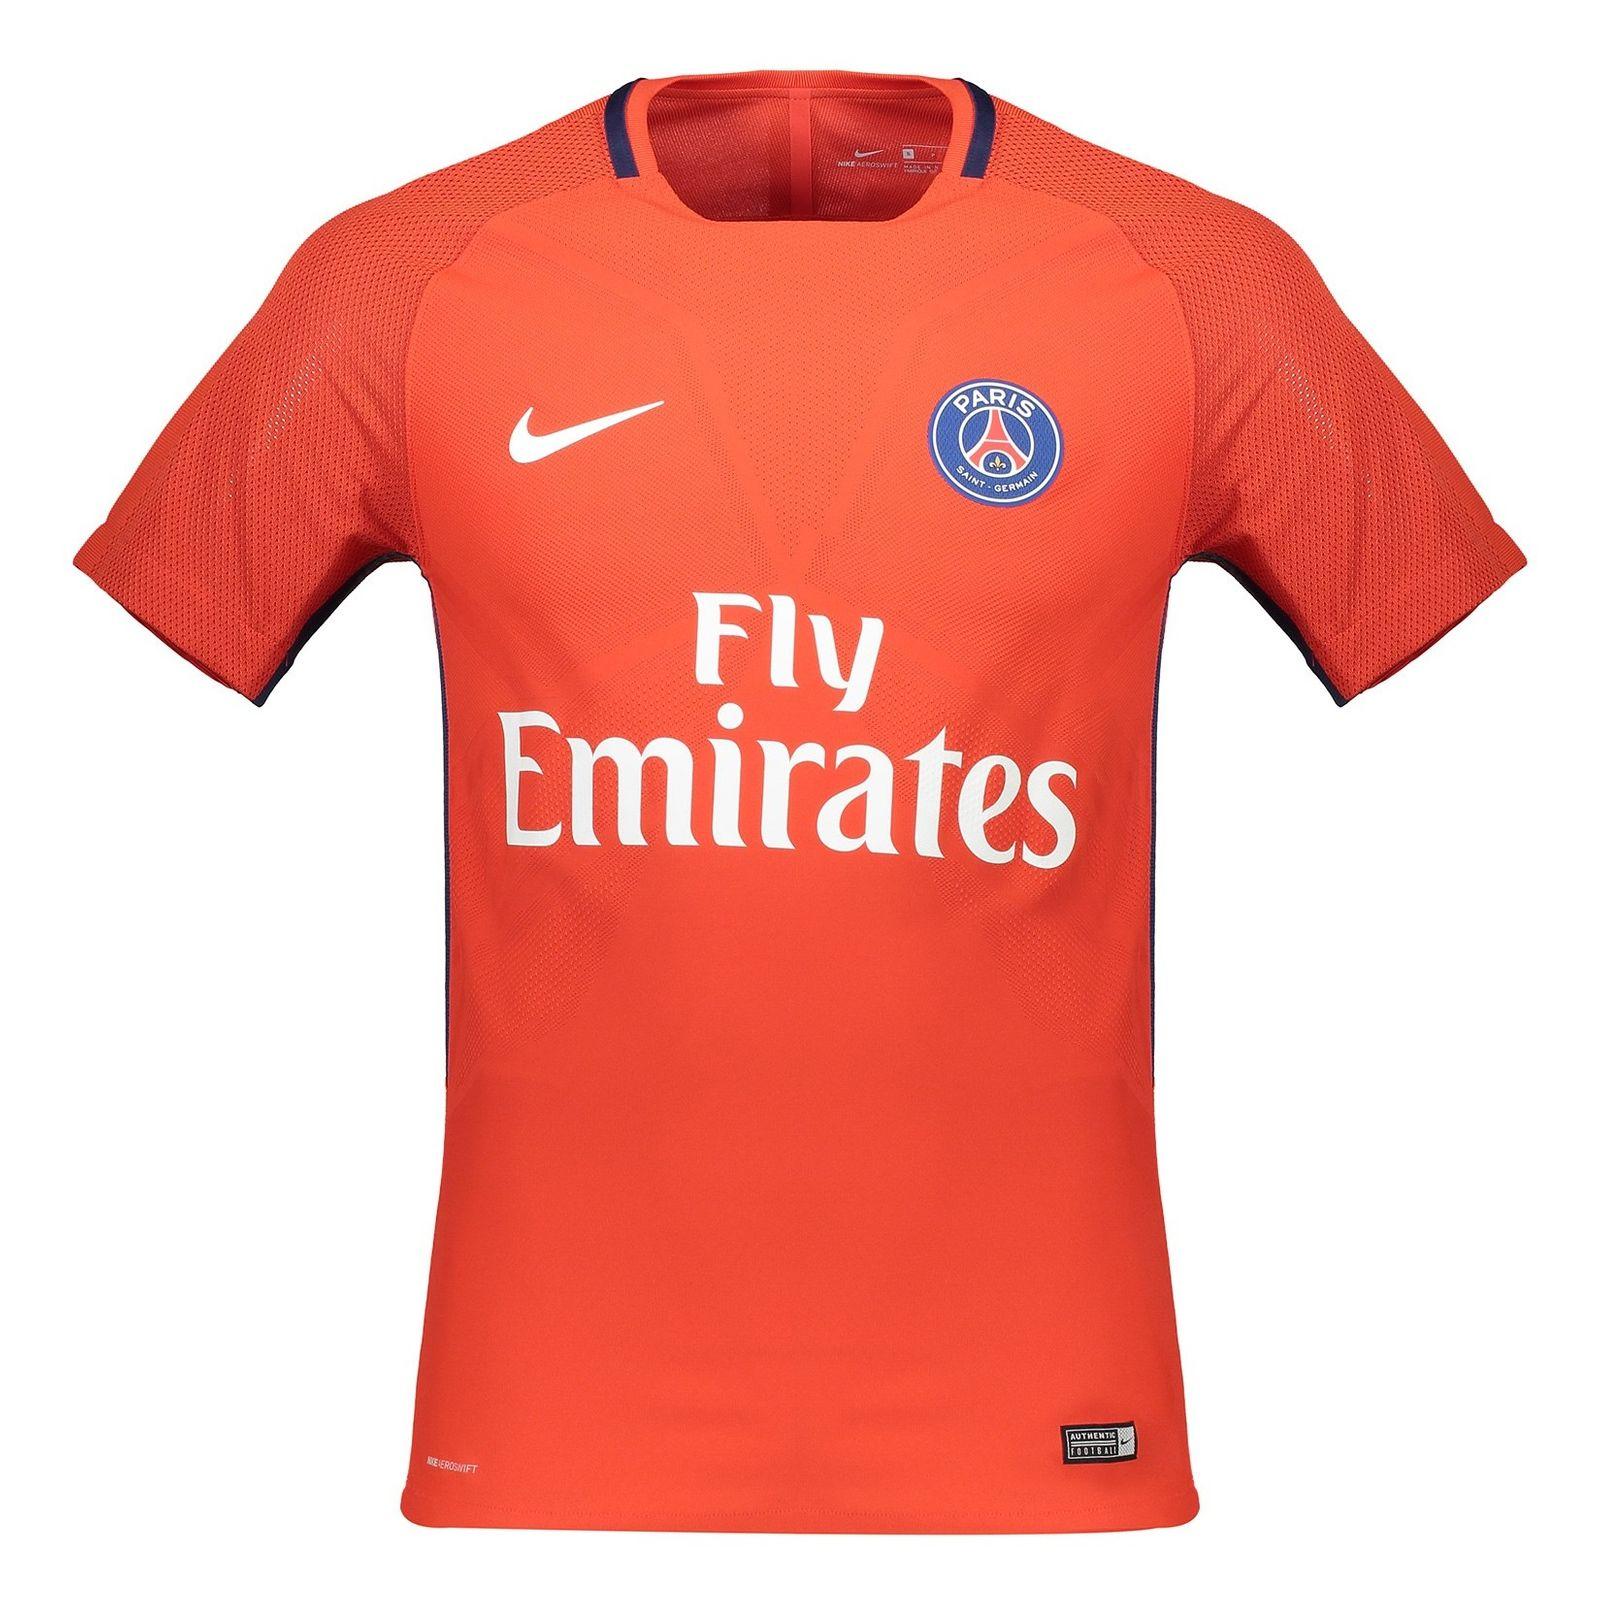 تی شرت ورزشی آستین کوتاه مردانه PSG - نایکی - قرمز - 3